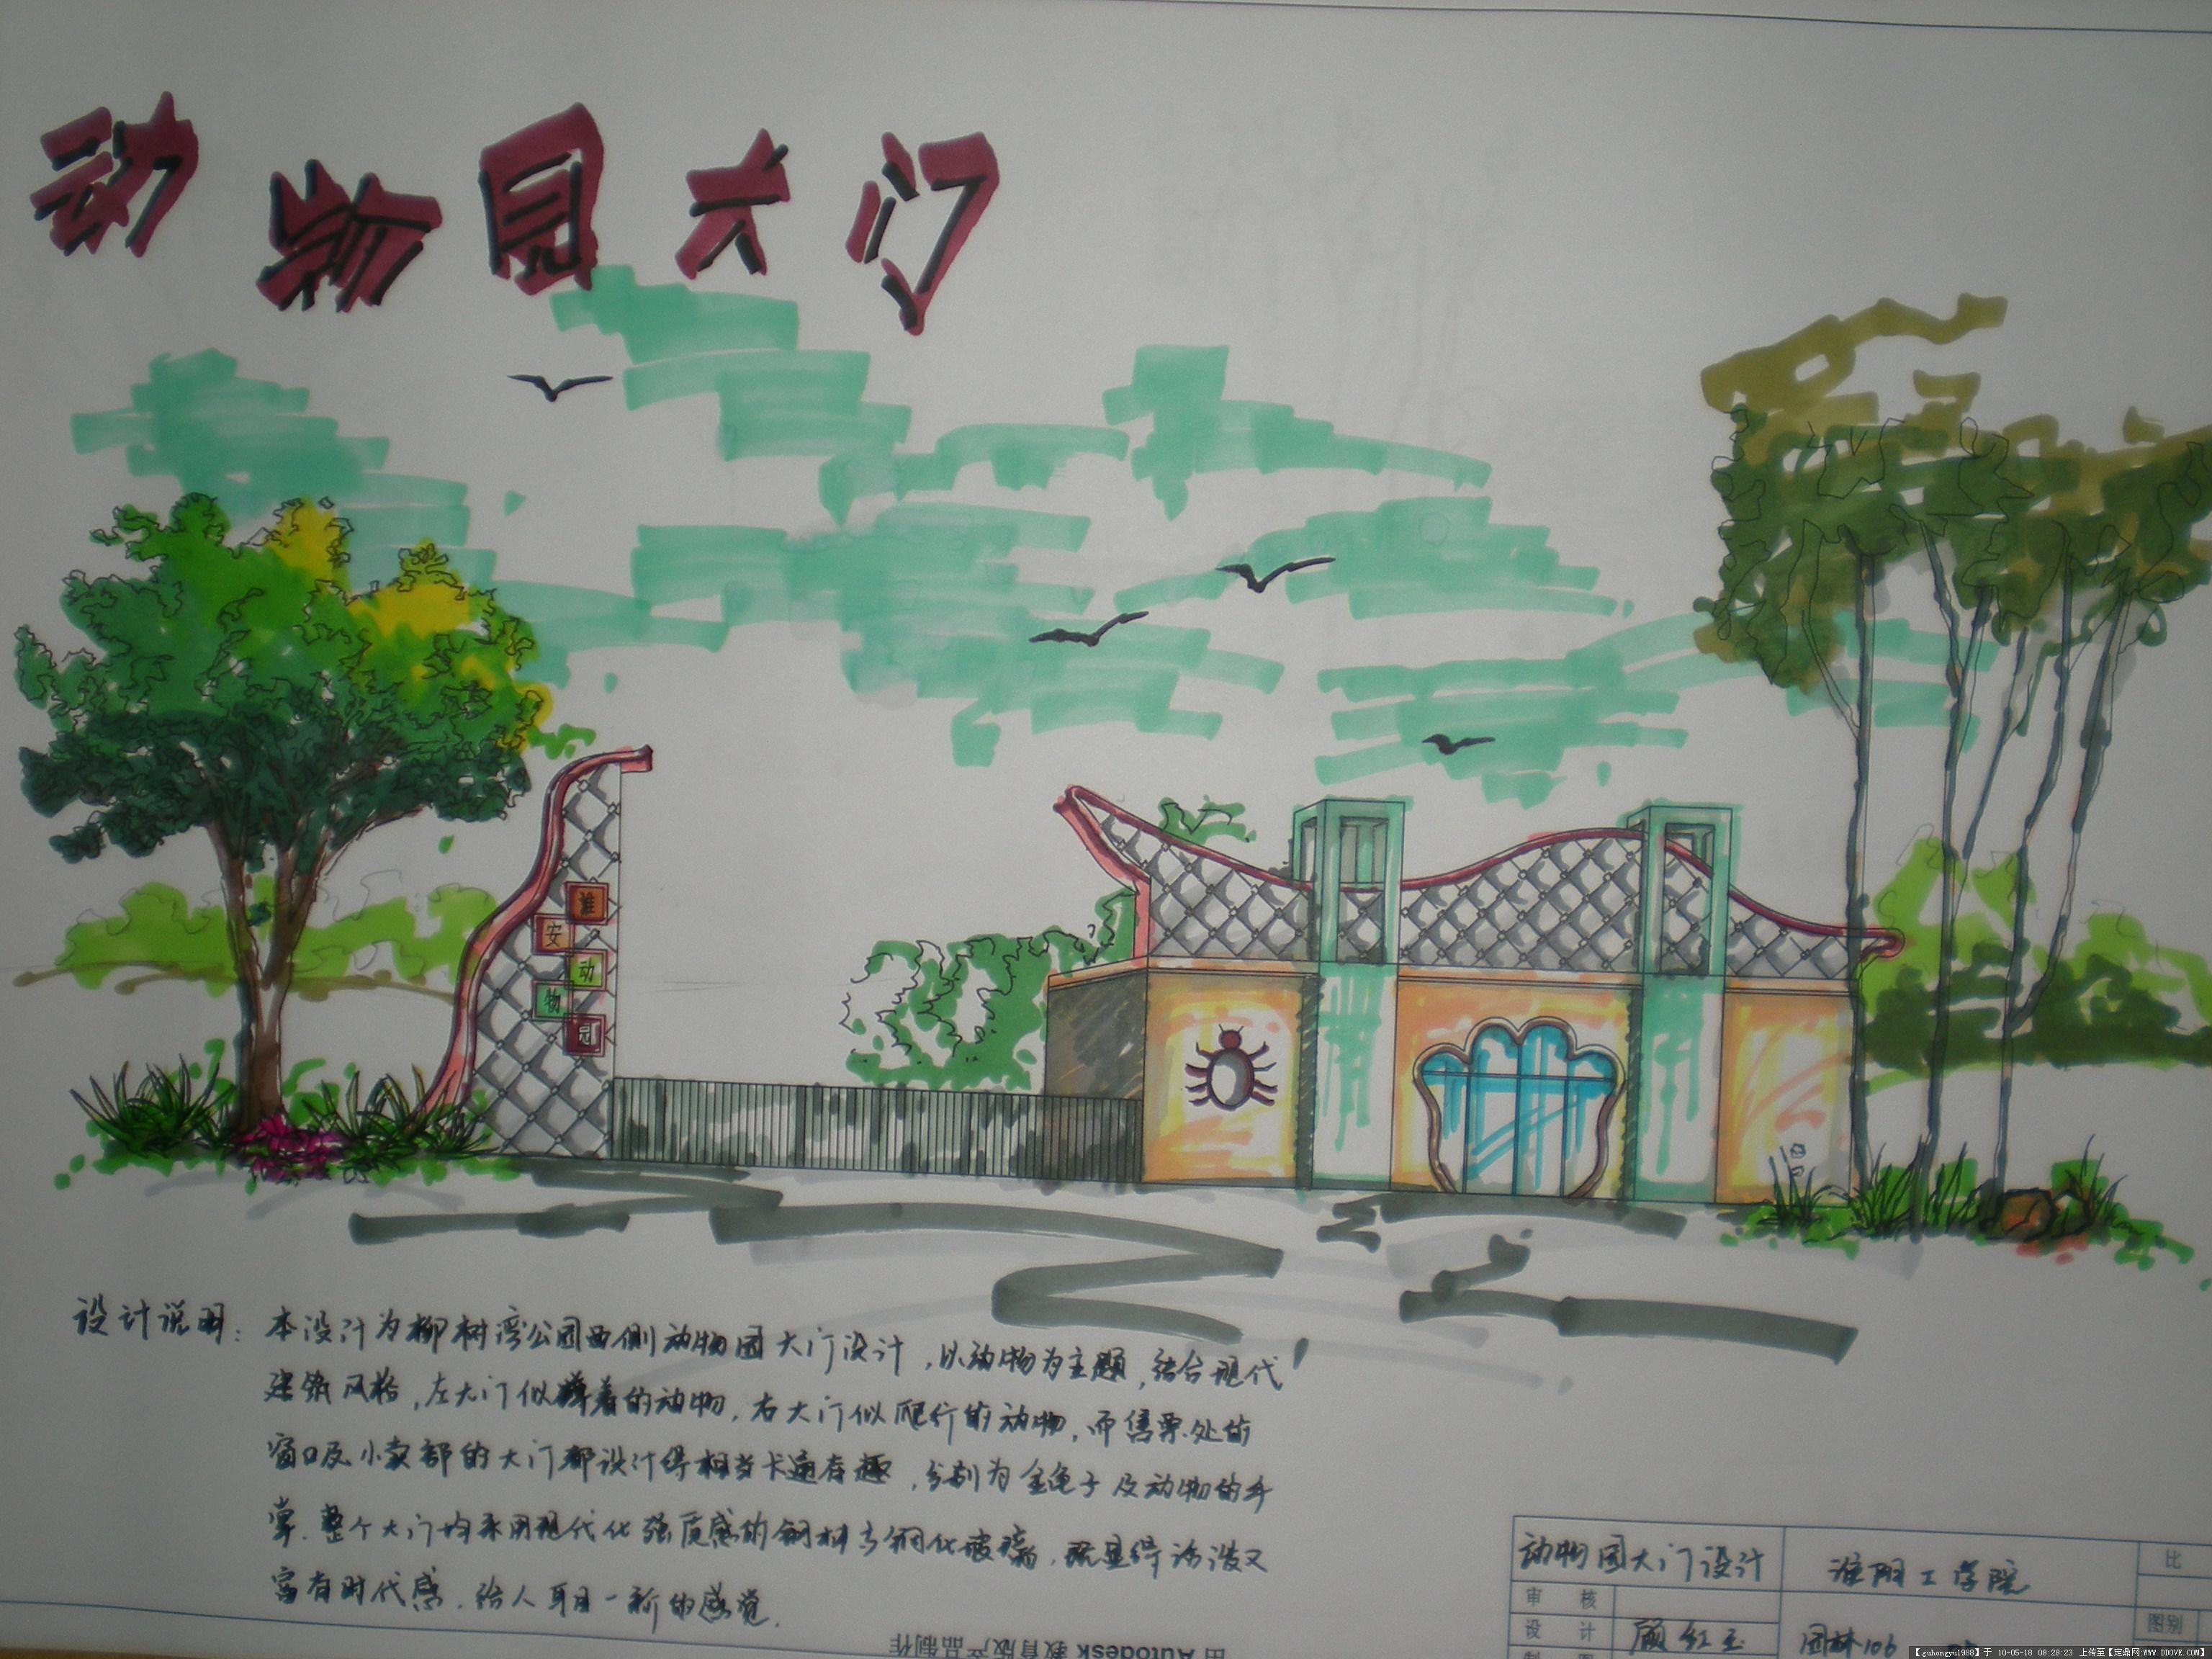 动物园大门设计-手绘效果